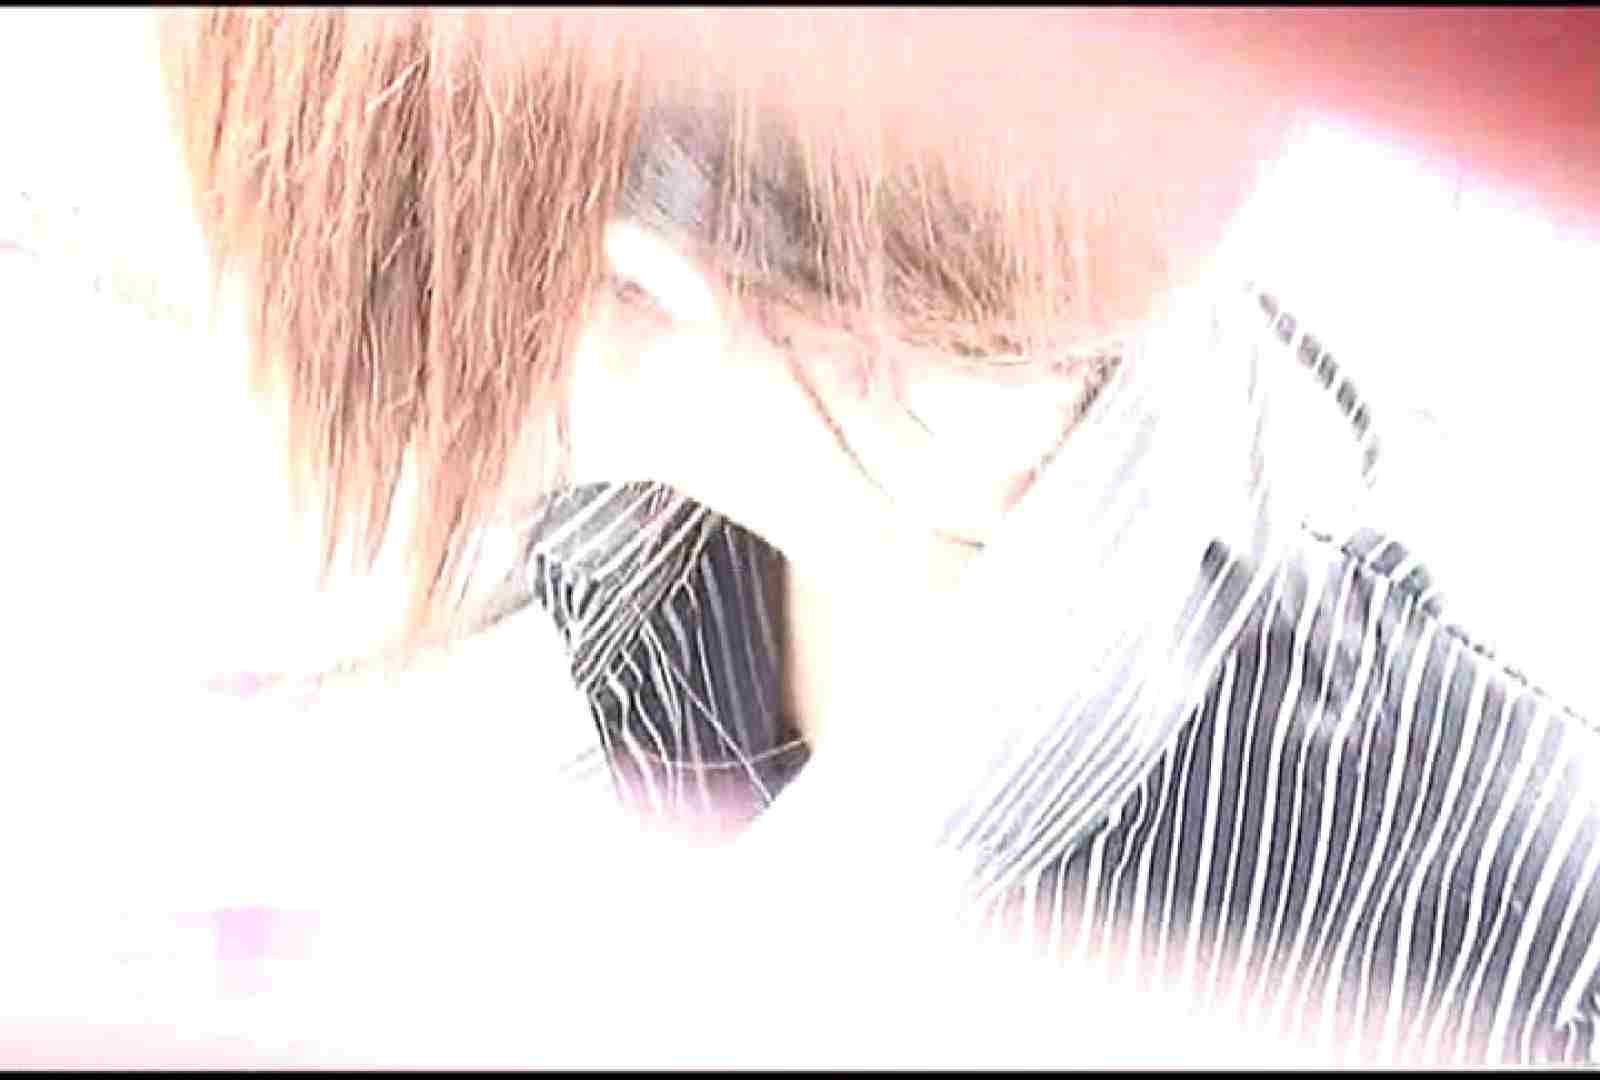 熱視線Vol.5 HなOL セックス無修正動画無料 100pic 41